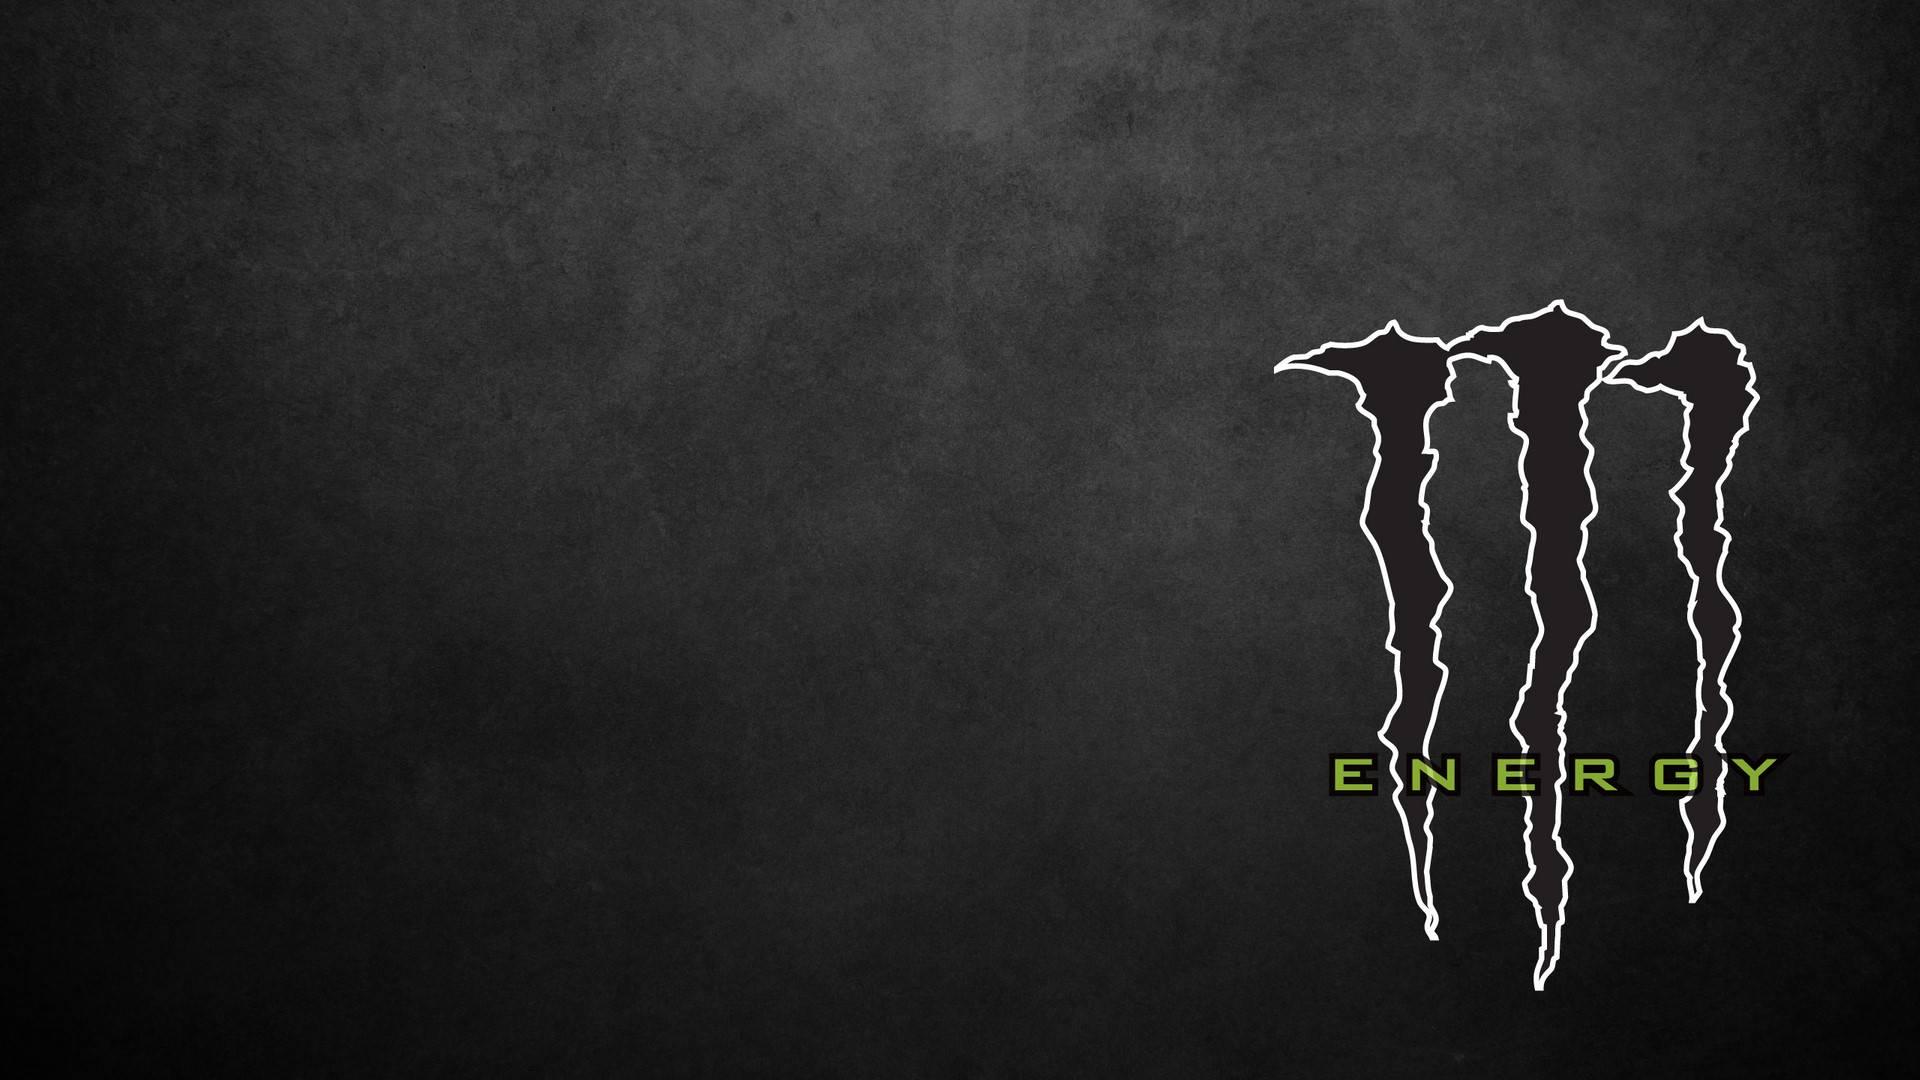 HD Monster Energy Wallpapers - WallpaperSafari